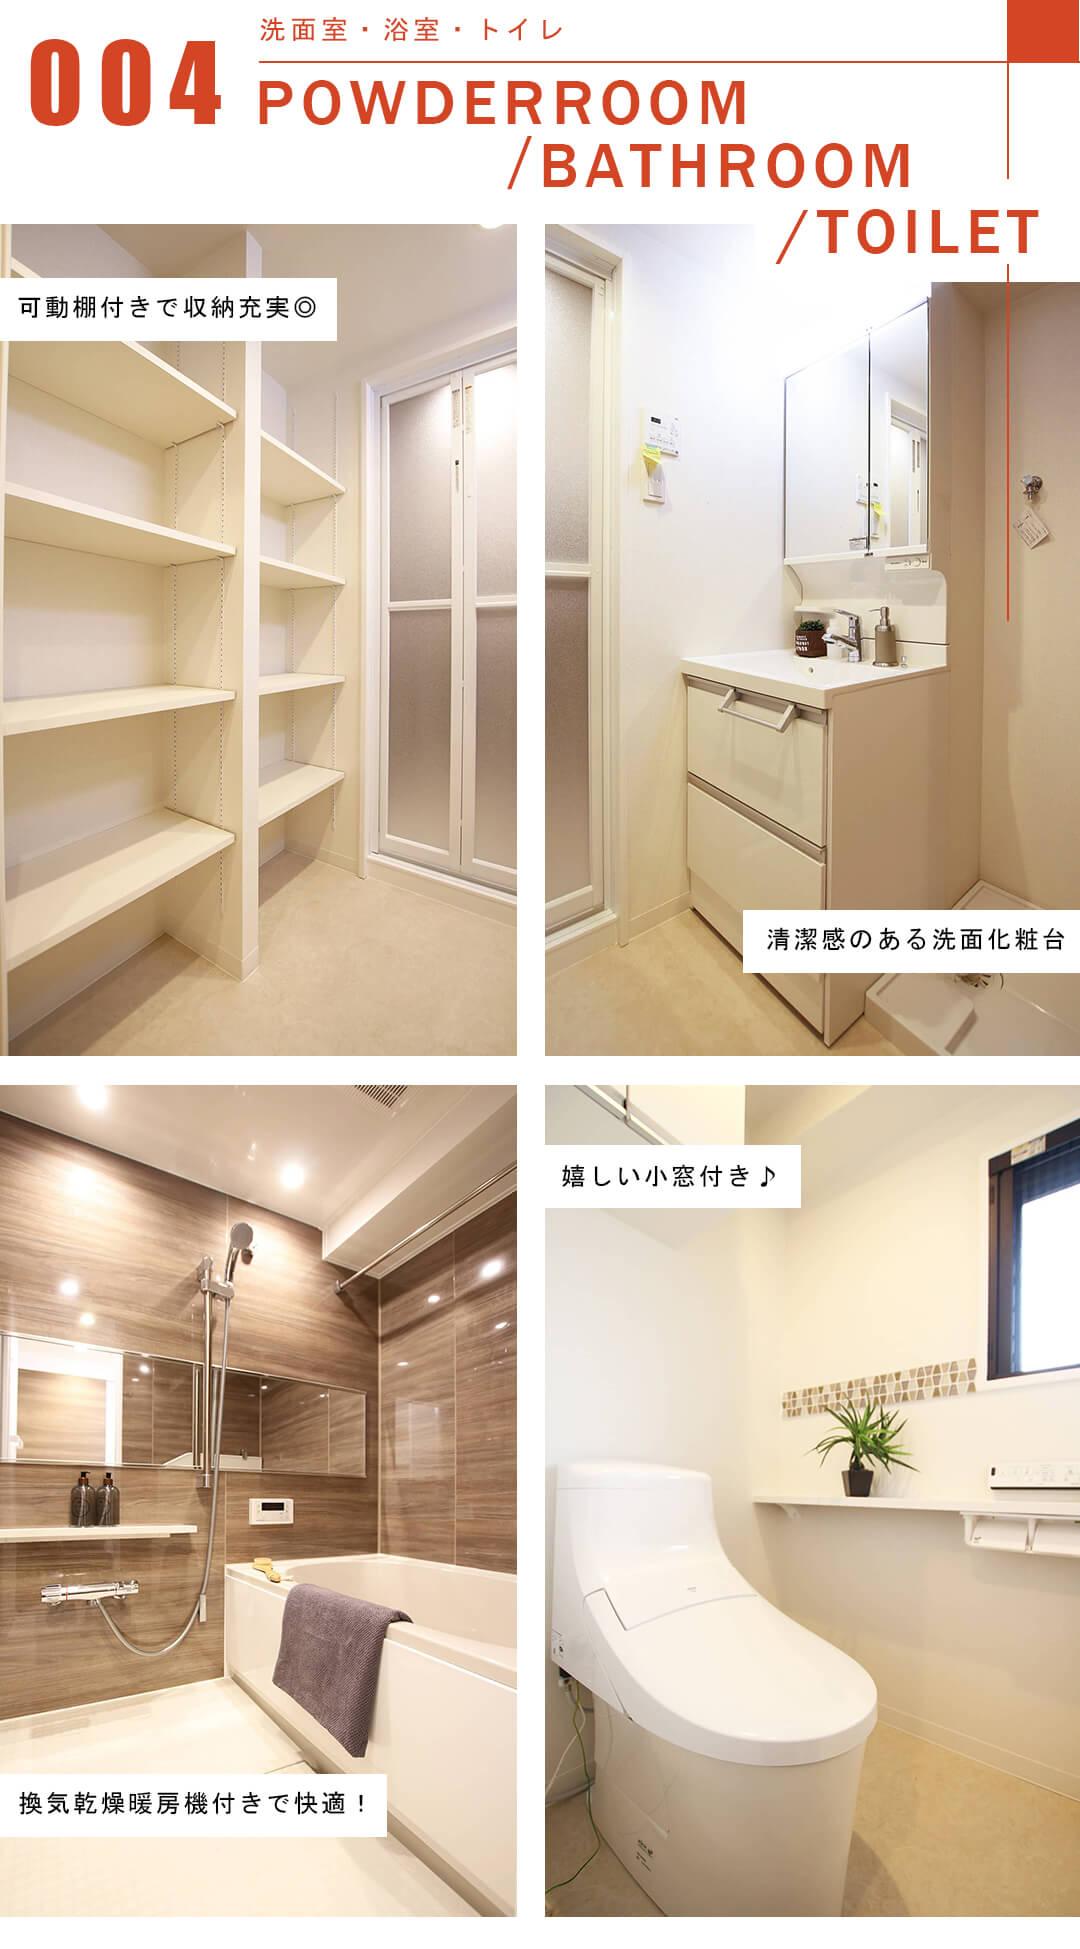 サンウッド目黒の洗面室と浴室とトイレ